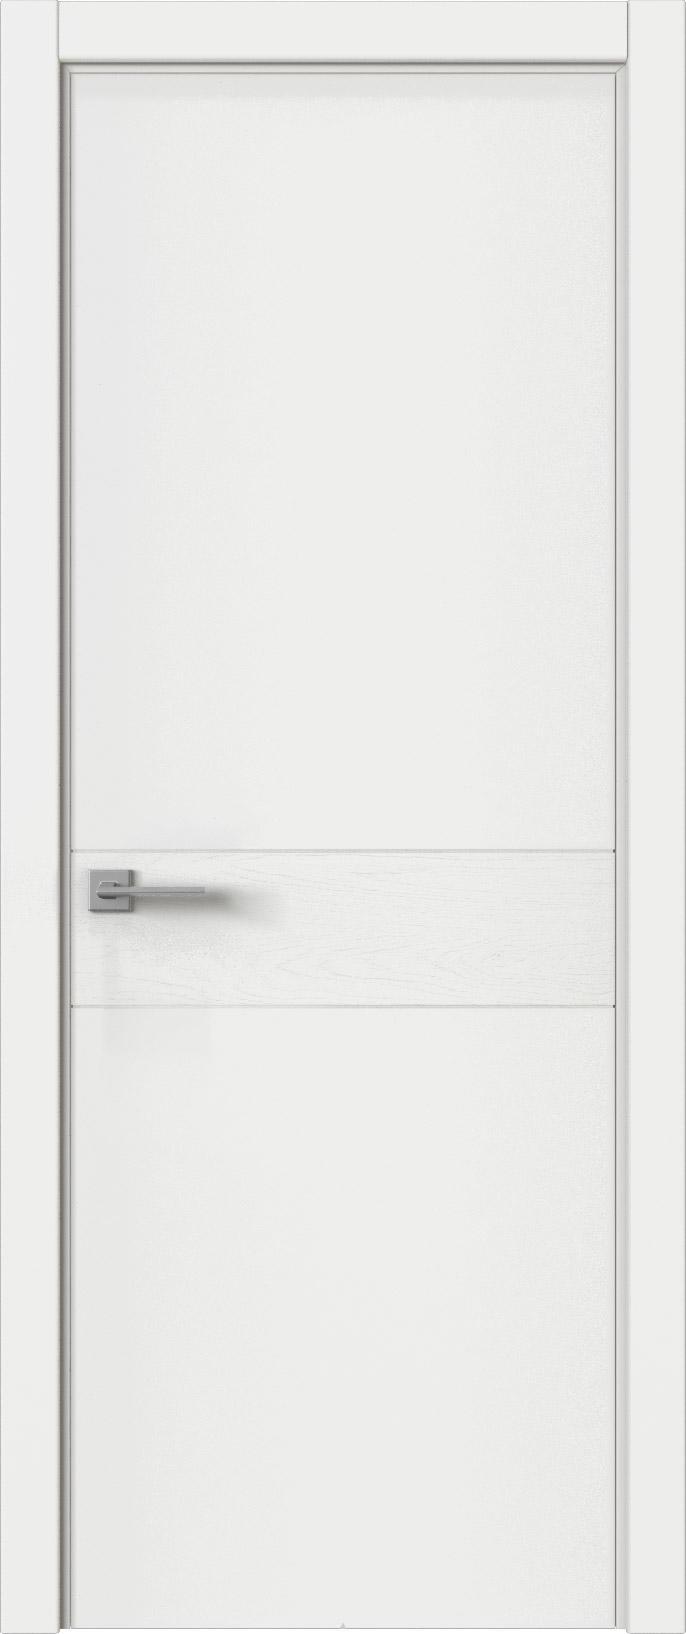 Tivoli И-2 цвет - Белая эмаль-эмаль по шпону (RAL 9003) Без стекла (ДГ)